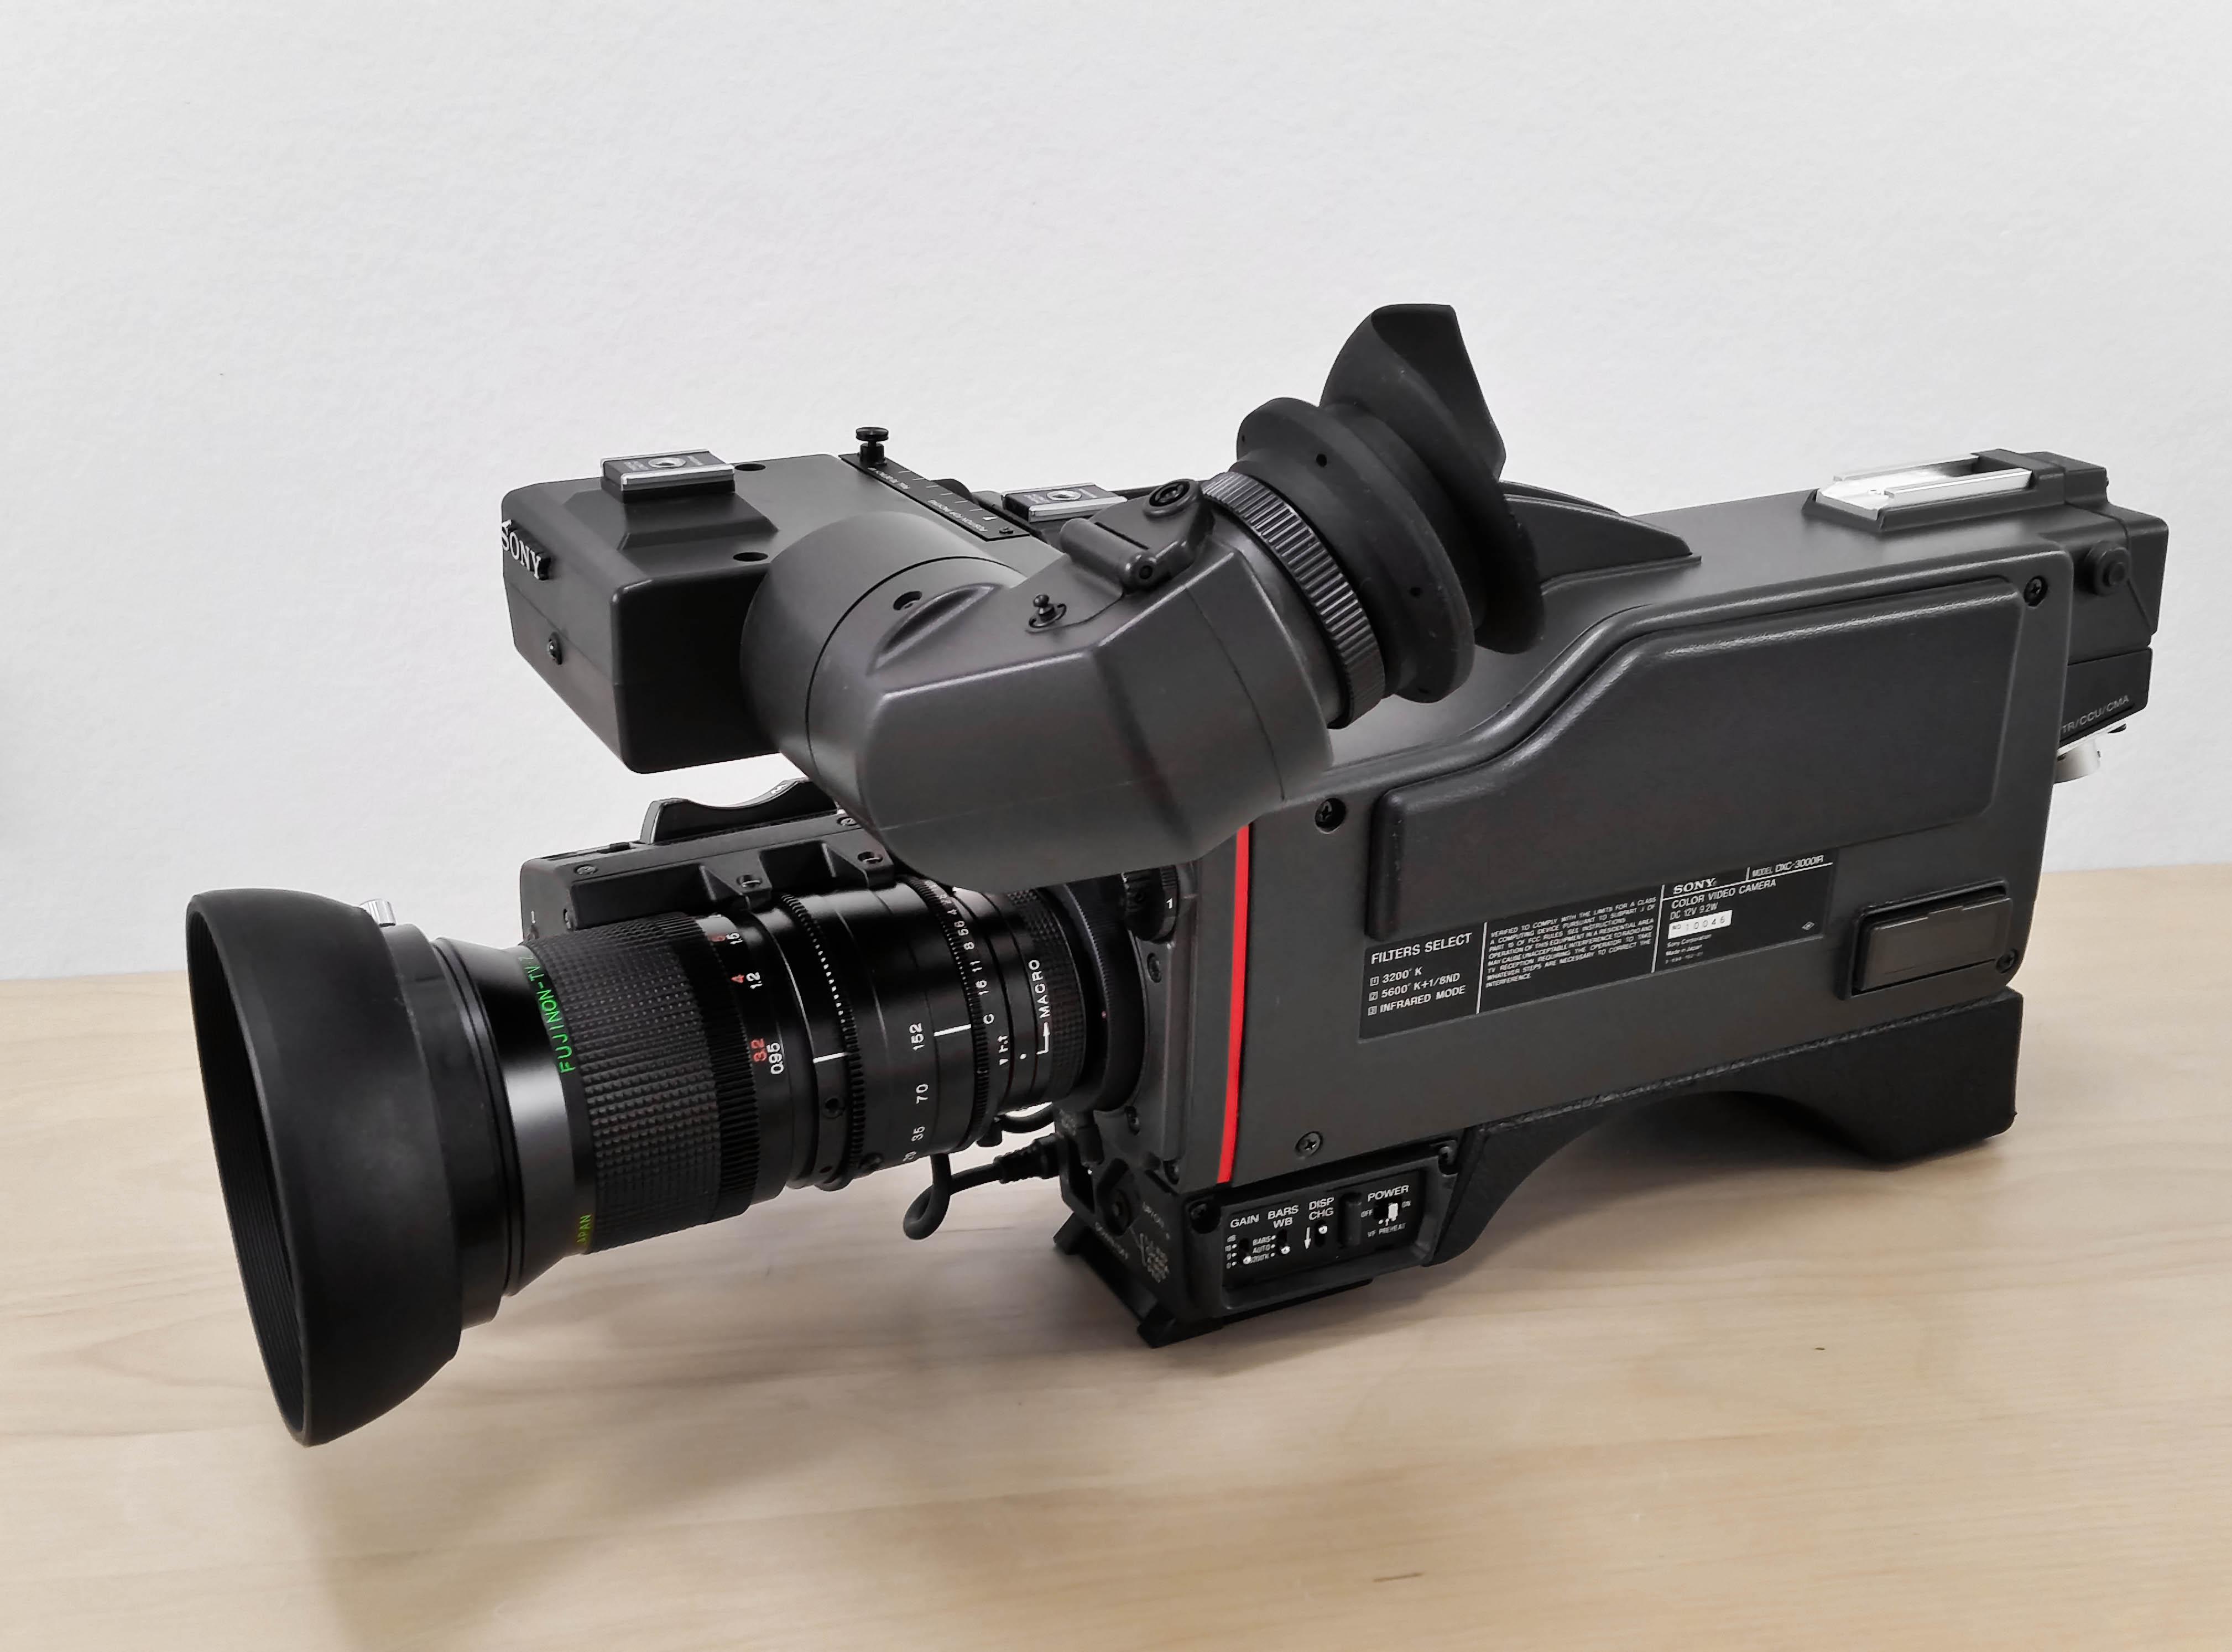 Sony DXC-300IR-4